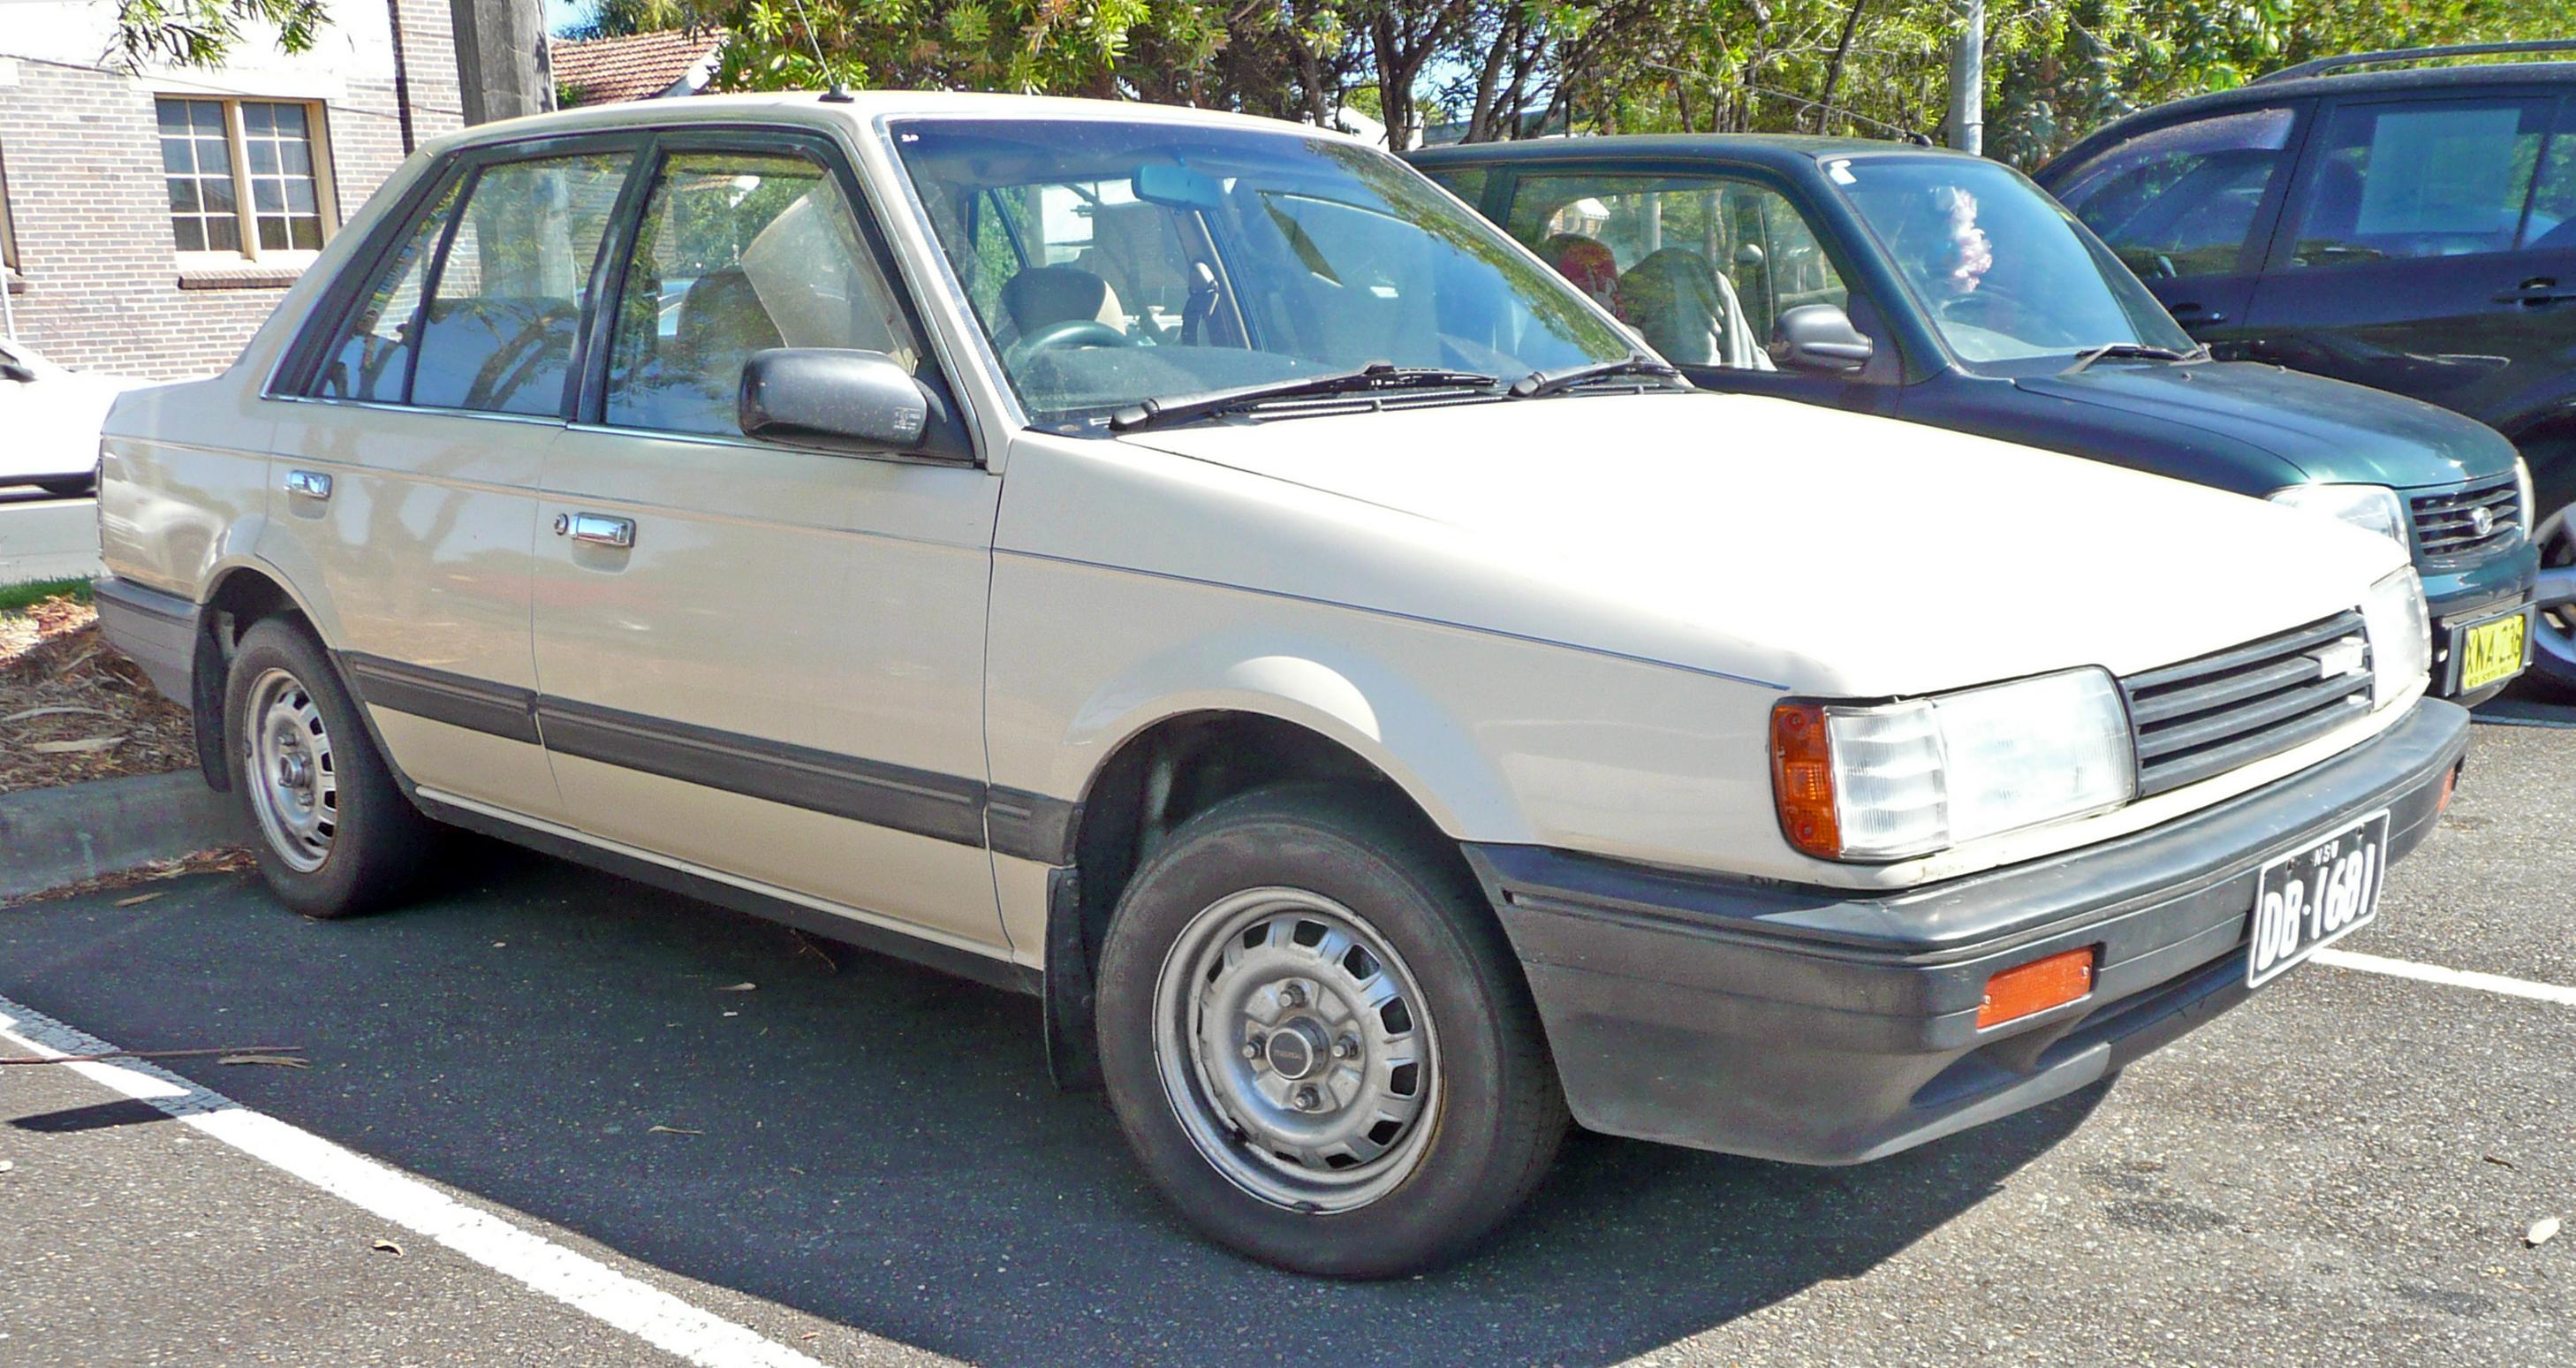 file:1986 mazda 323 (bf) super deluxe sedan (2009-12-03)